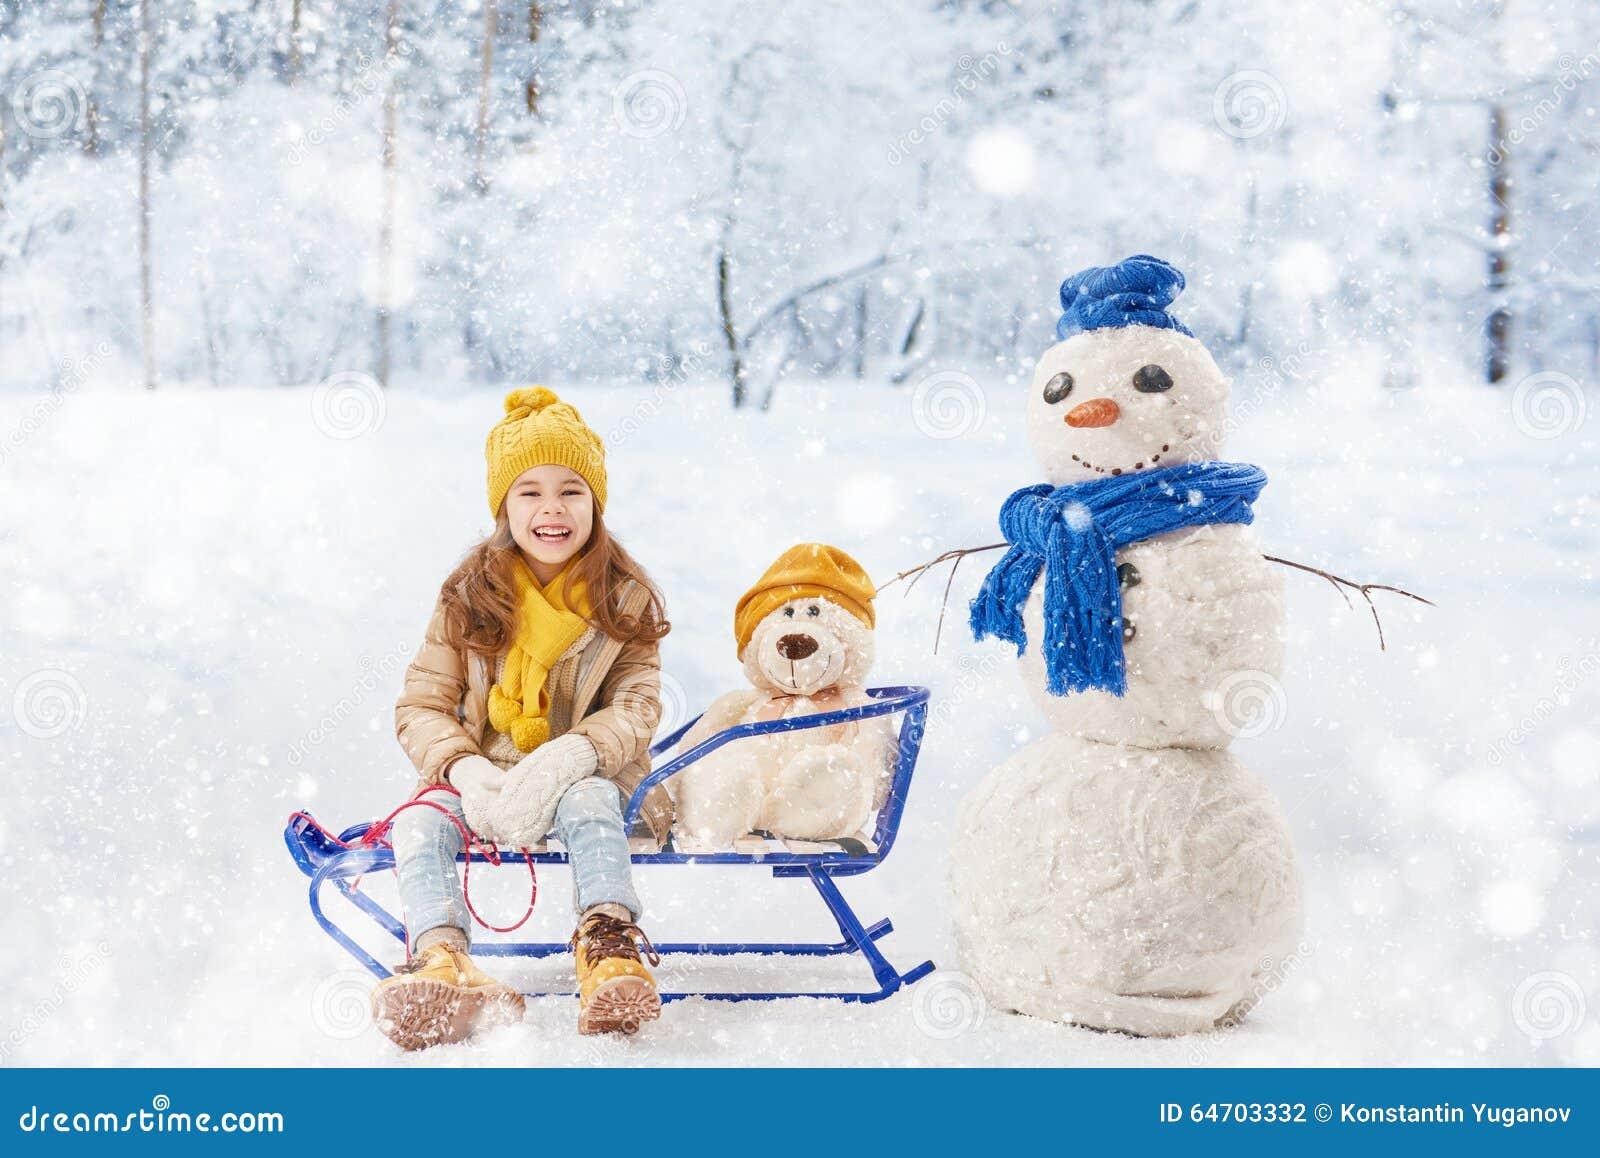 Fille plaing avec un bonhomme de neige photo stock image 64703332 - Bonhomme fille ...